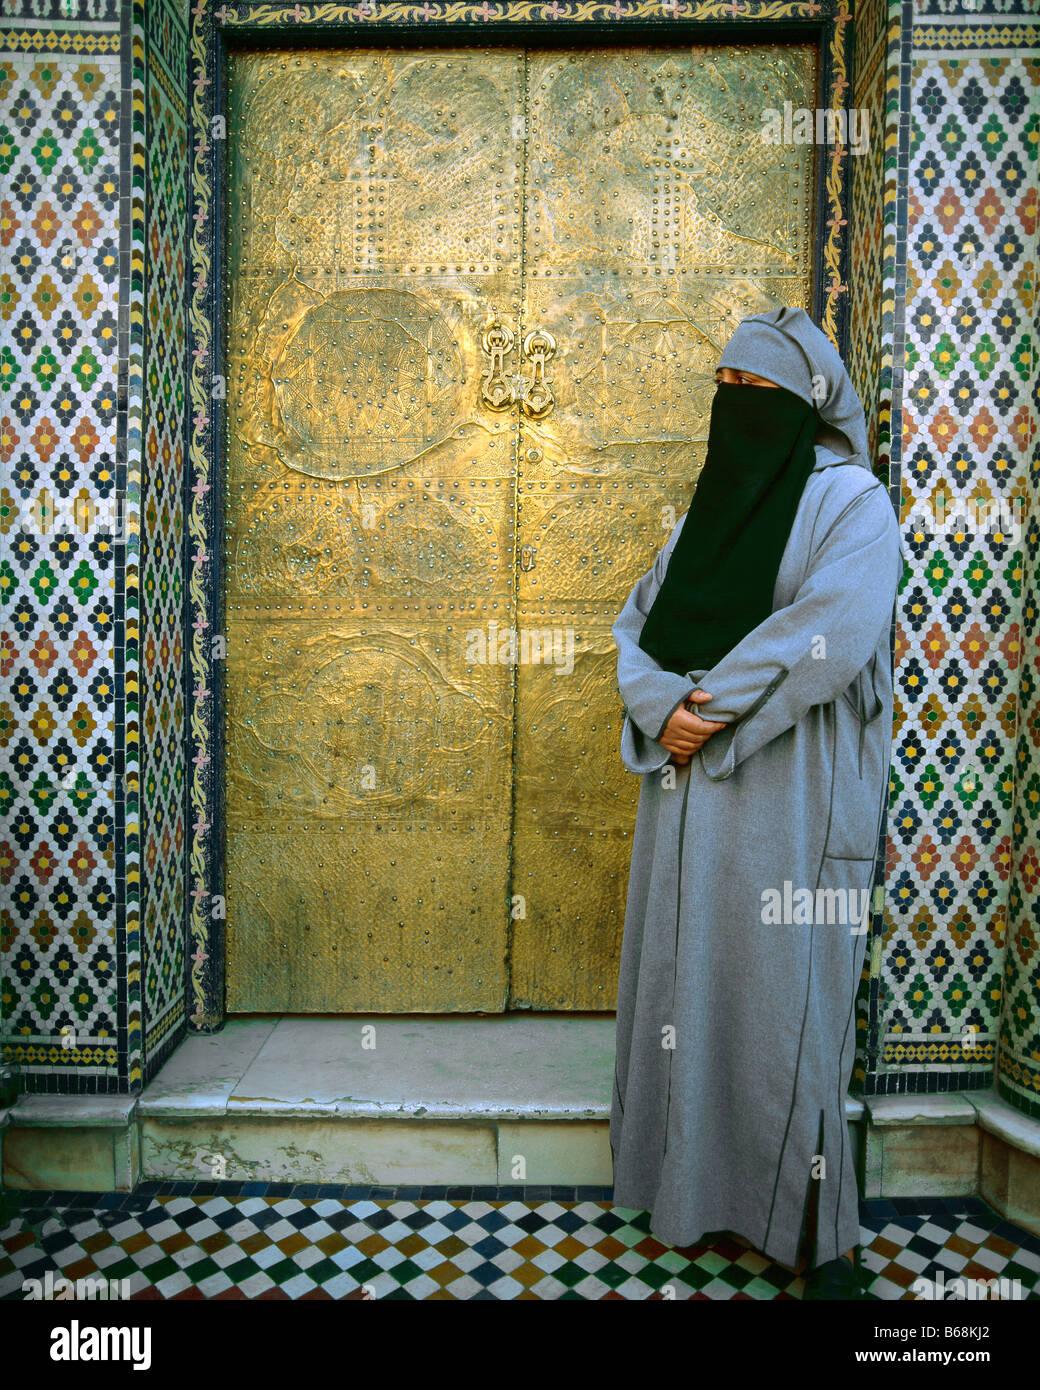 Veiled woman, Marrakesh, Morocco - Stock Image